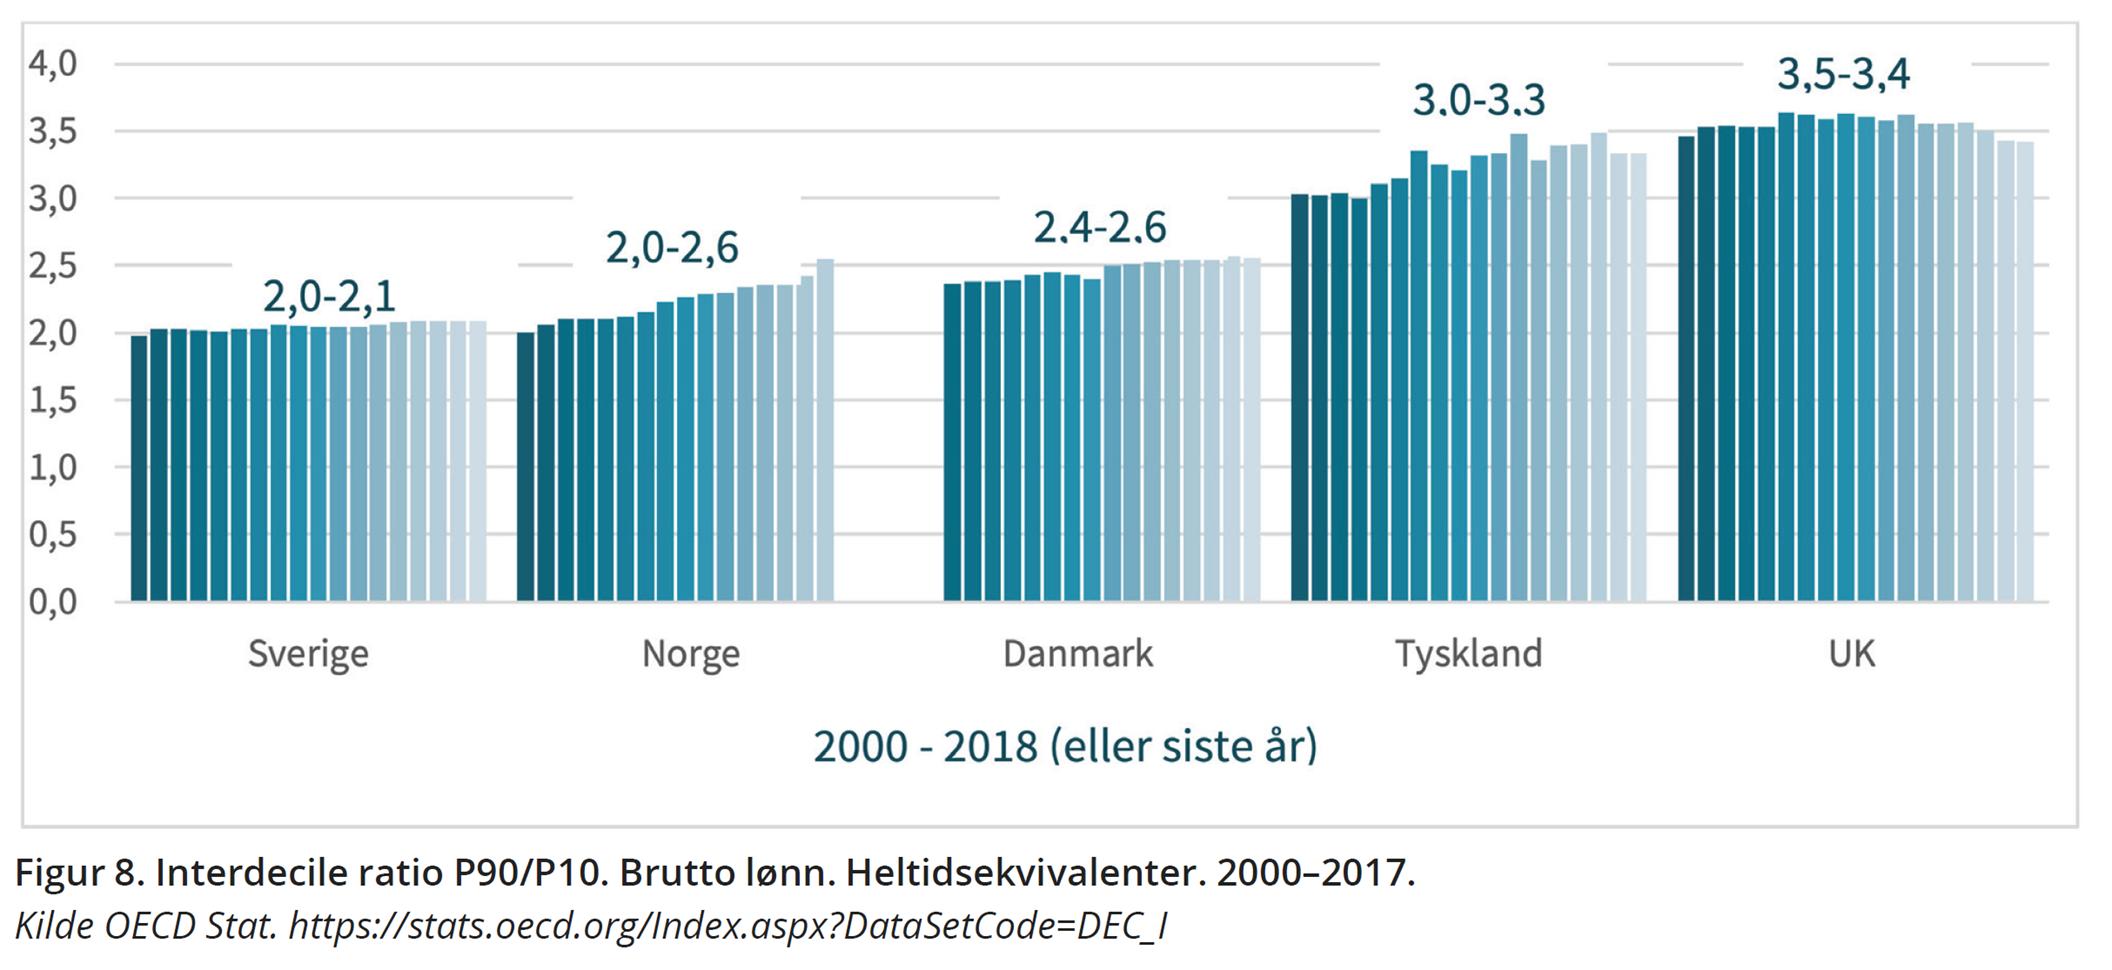 Figur 8. Interdecile ratio P90/P10. Brutto lønn. Heltidsekvivalenter. 2000–2017. Kilde OECD Stat. https://stats.oecd.org/Index.aspx?DataSetCode=DEC_I